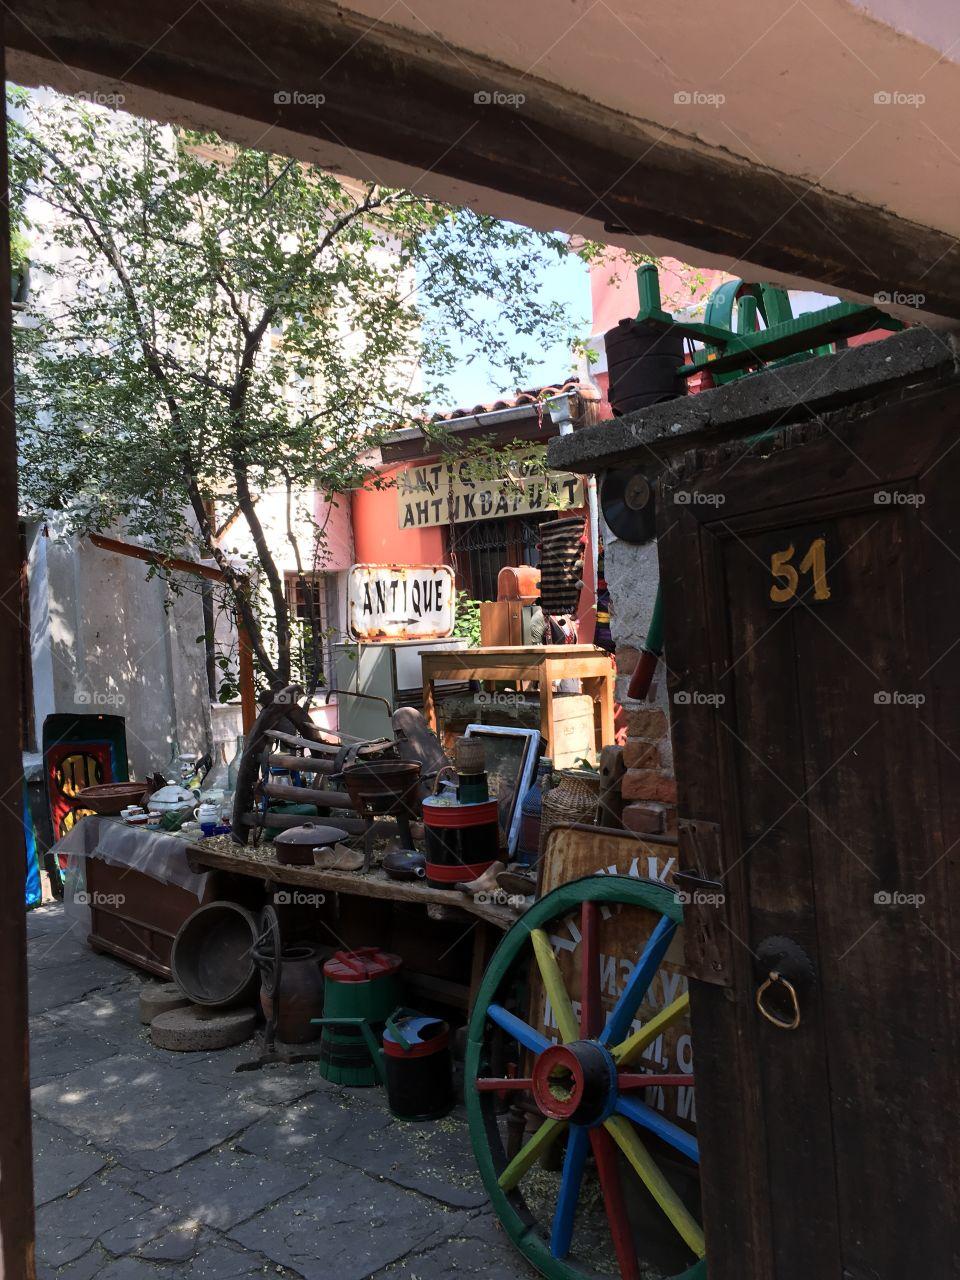 Antique store